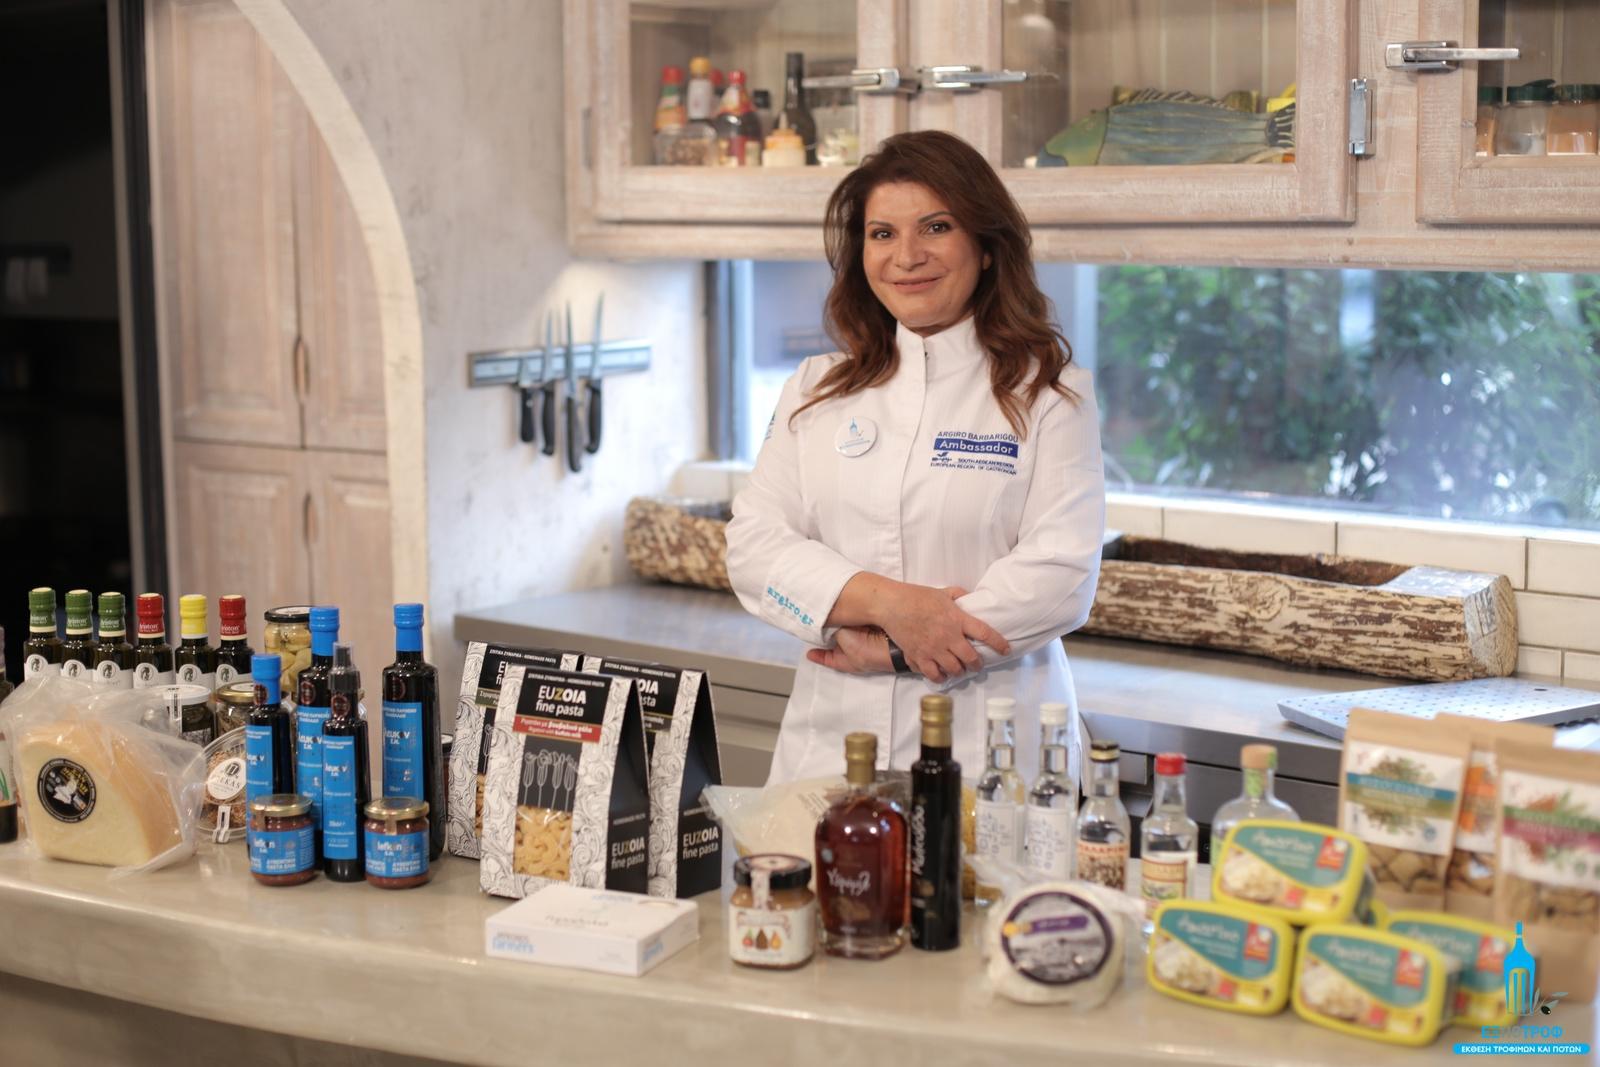 Μία ξεχωριστή γαστρονομική εμπειρία διαδραματίζεται στην κουζίνα του «Μαγειρεύουμε Ελλάδα»-featured_image